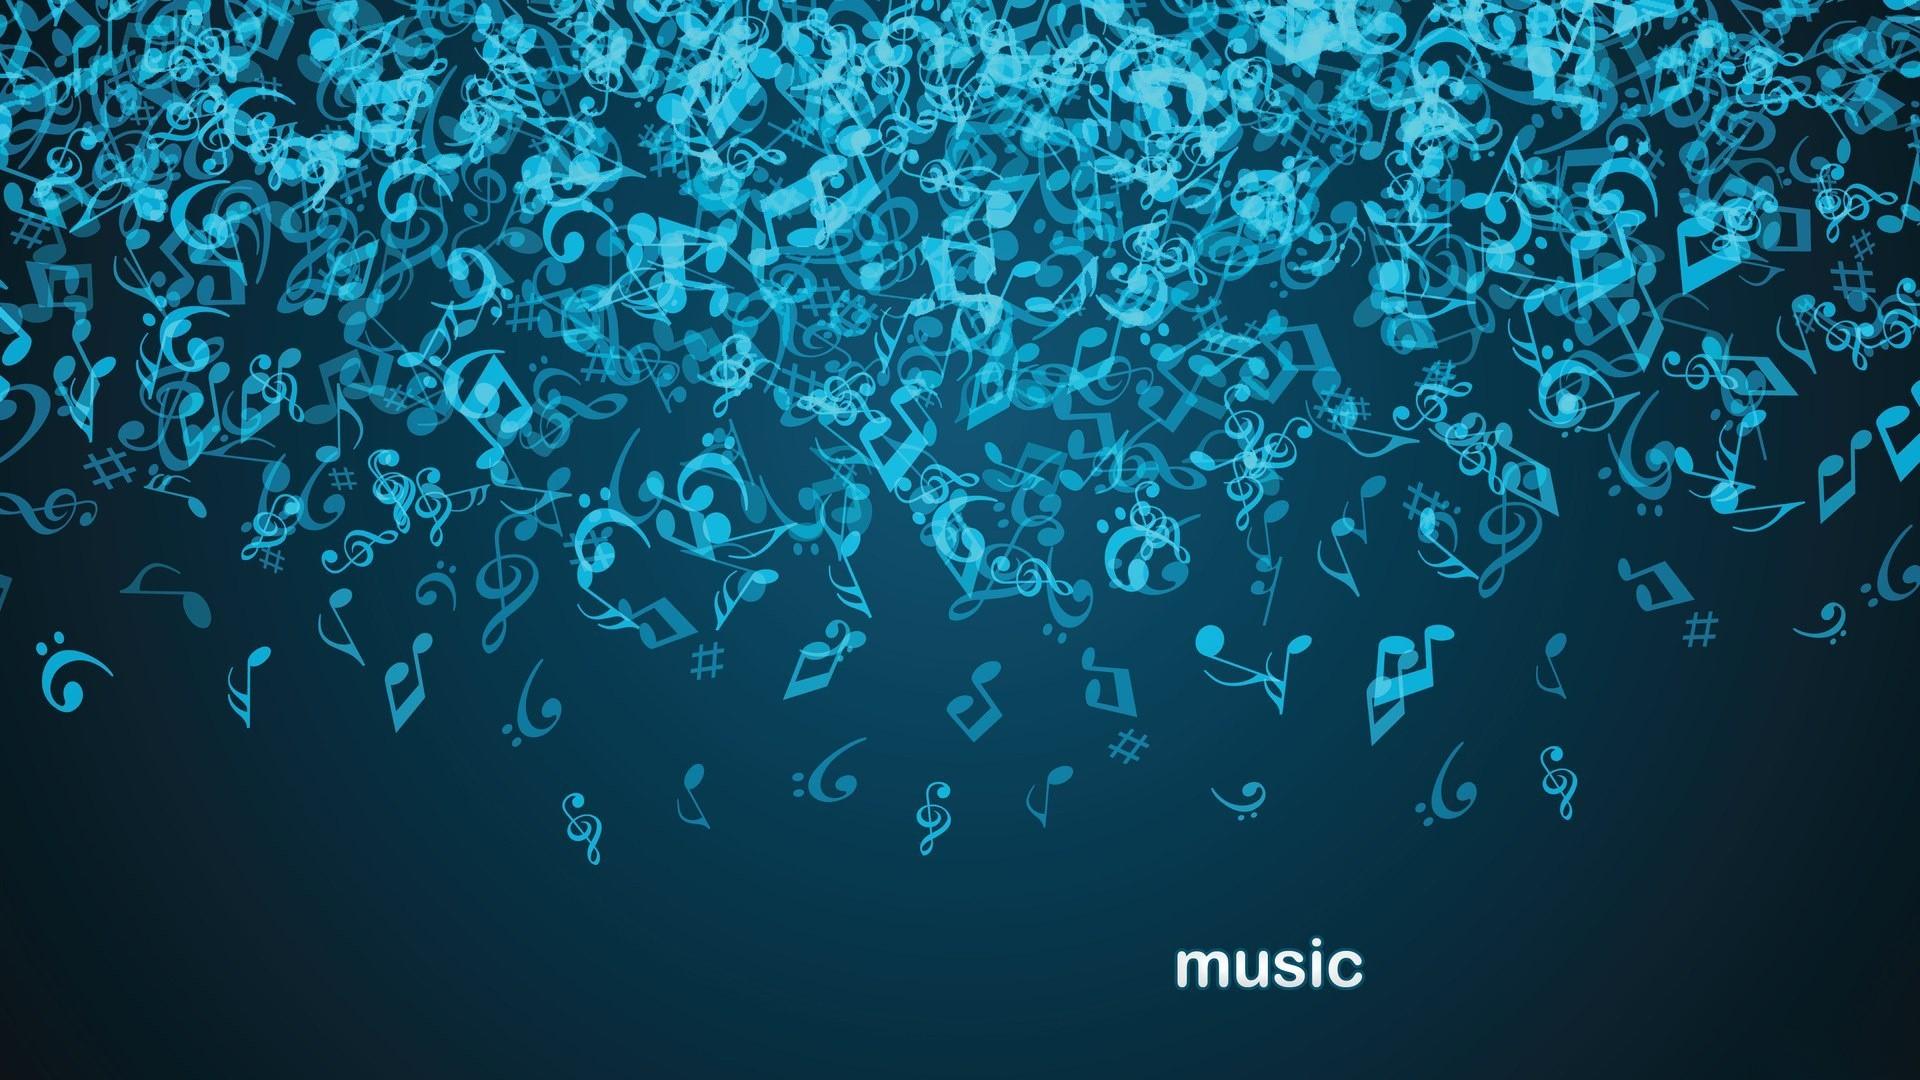 Masaüstü Dijital Sanat Minimalizm Mavi Arka Plan Müzik Mavi